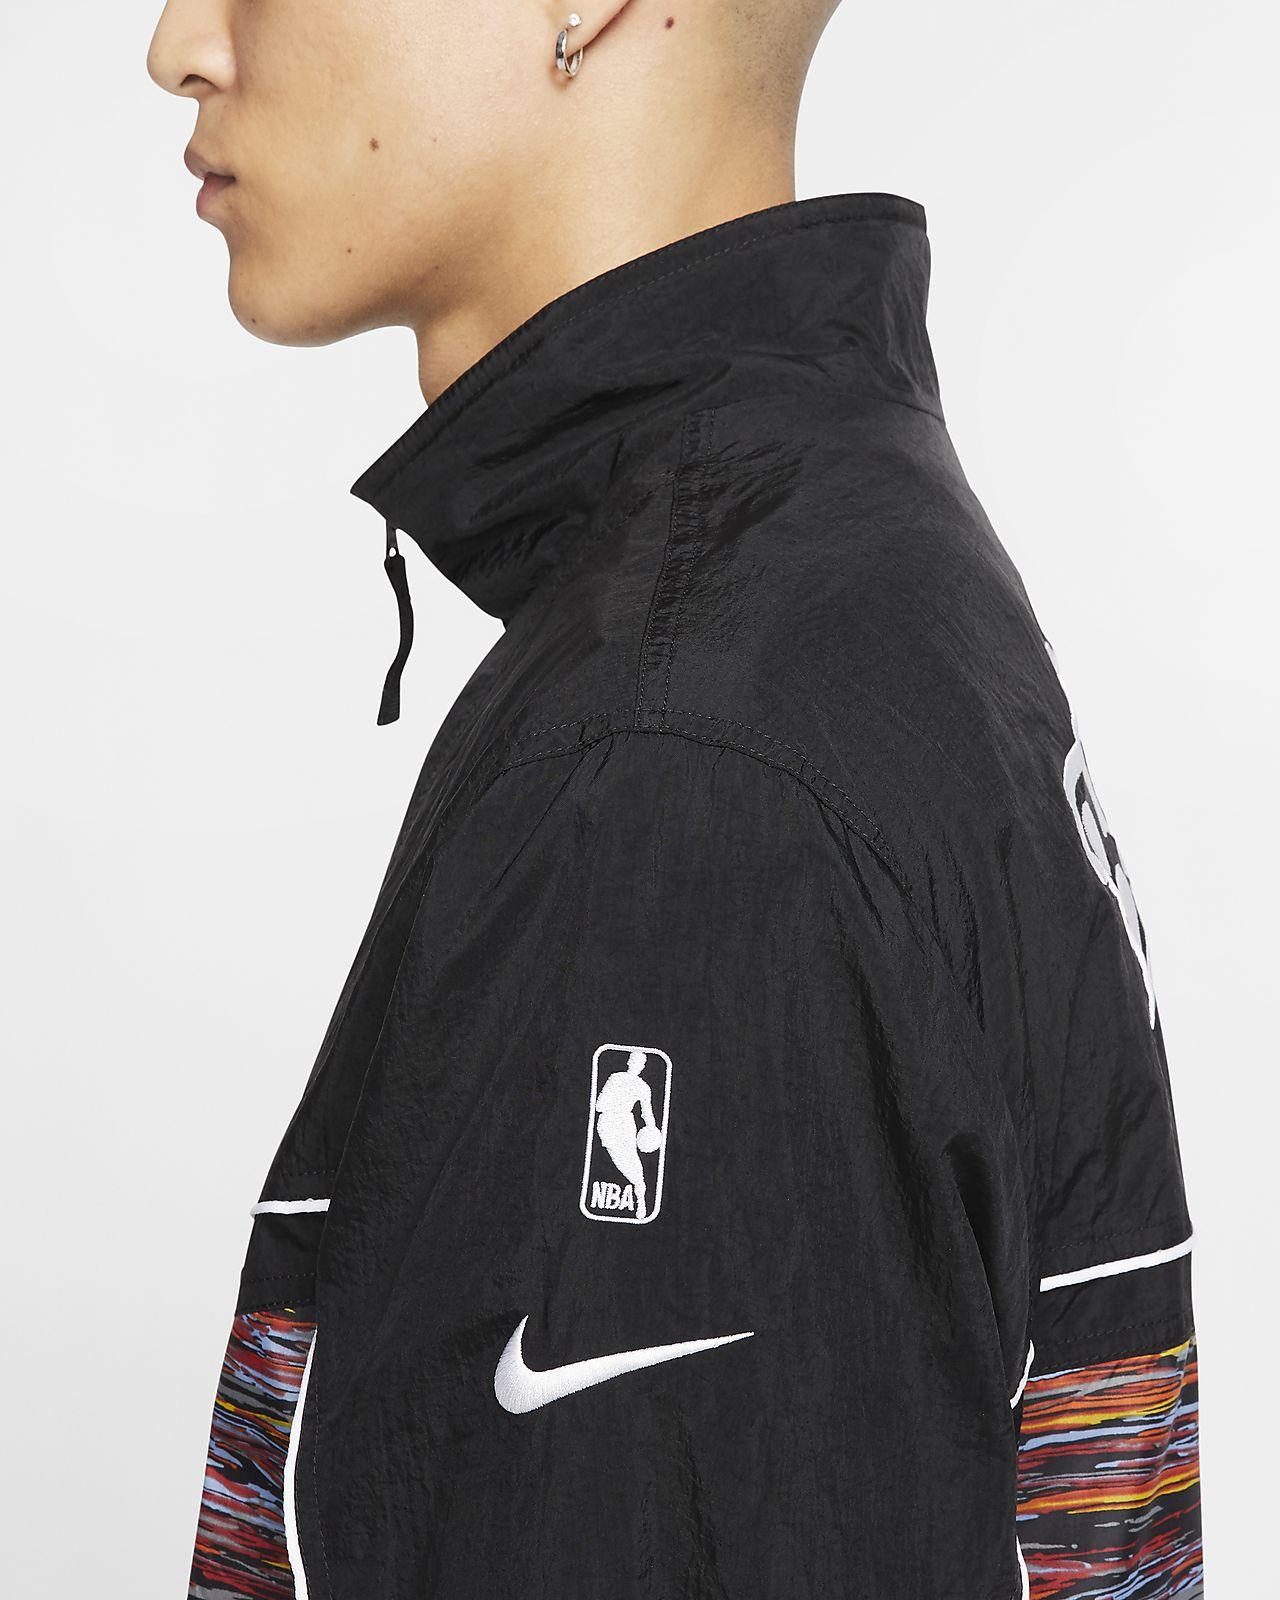 Nike Men's NBA Courtside Jacket   Jackets   Clothing   Men's